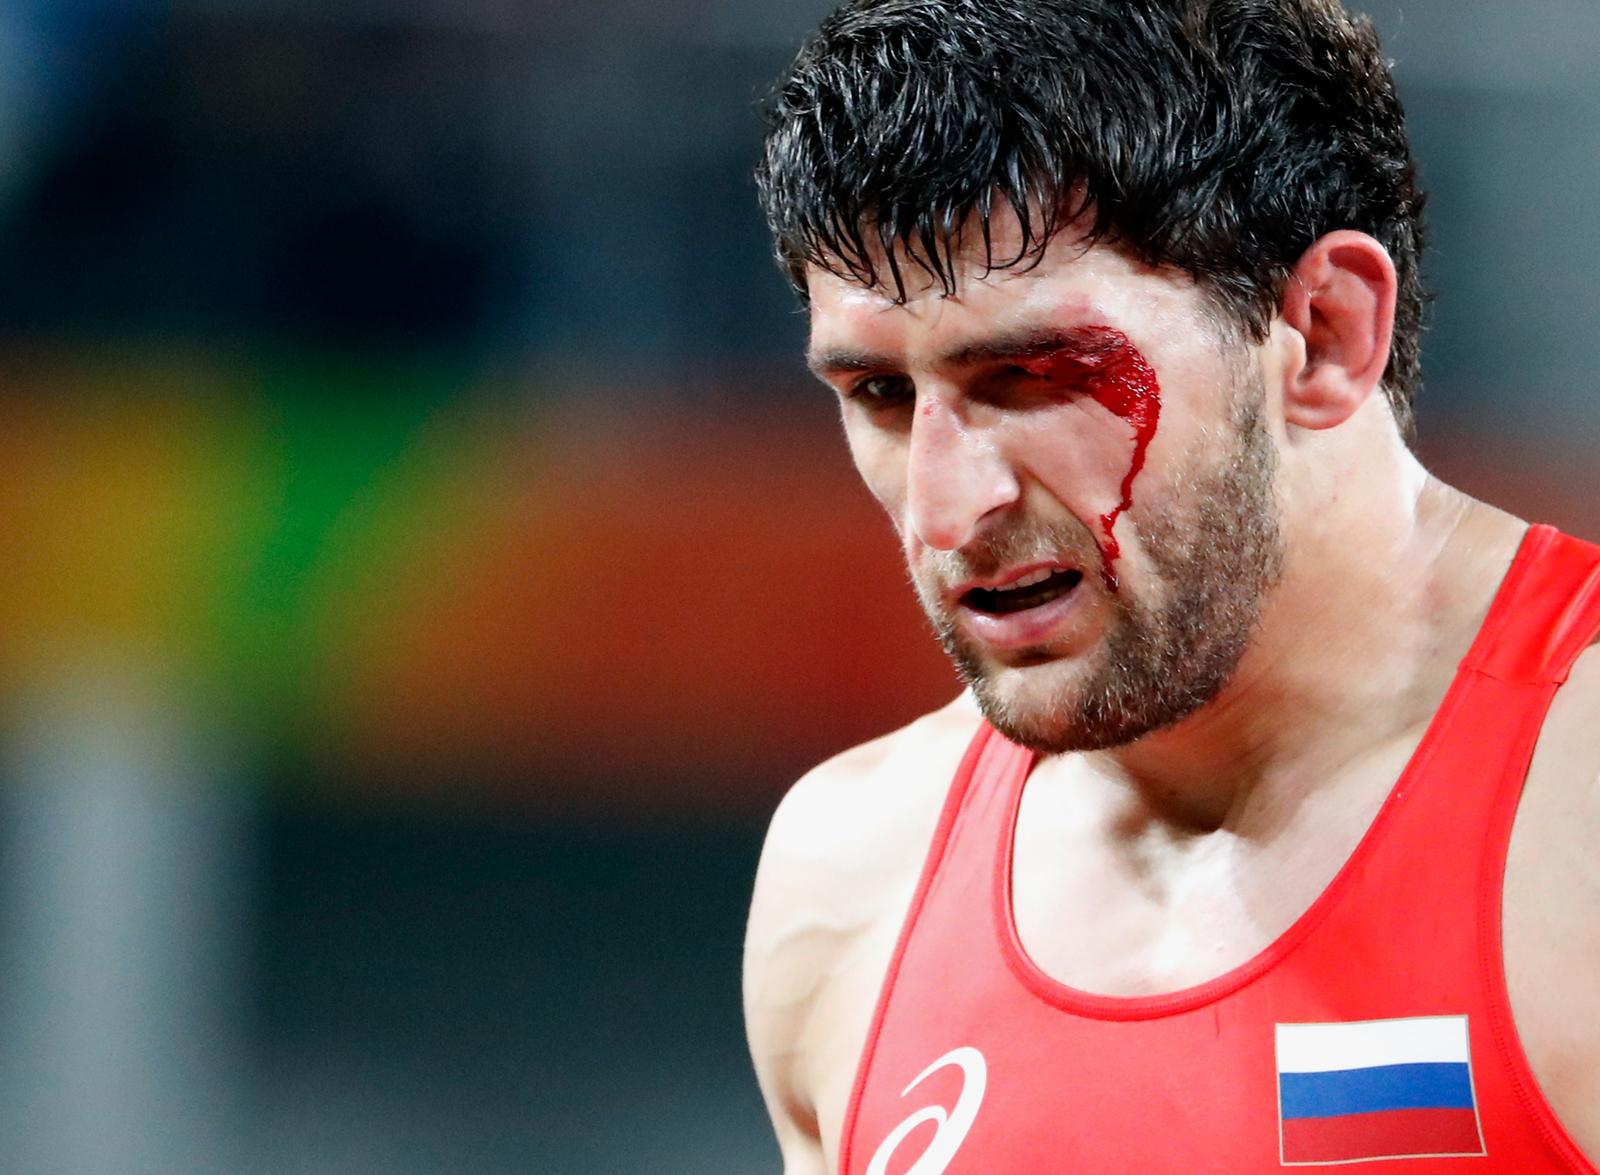 Российский борец Аниуар Гедуев после триумфа